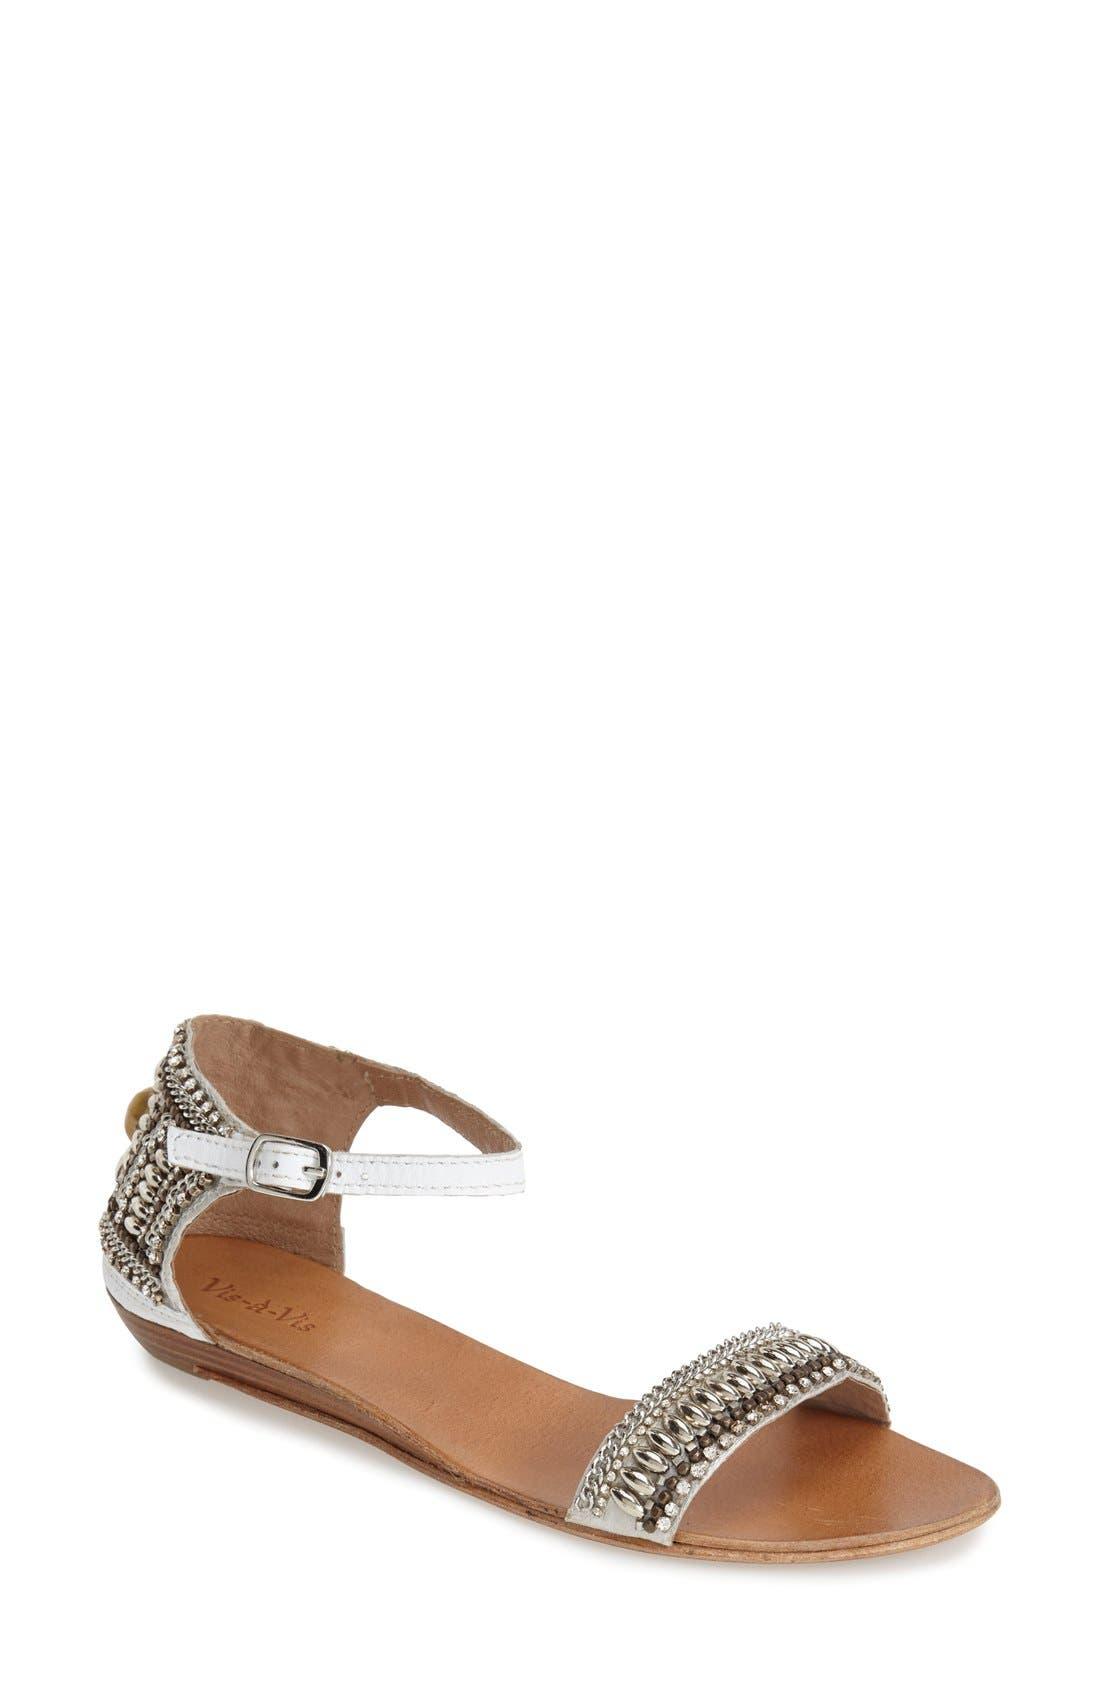 Alternate Image 1 Selected - Vis-à-Vis 'Honi' Embellished Sandal (Women)